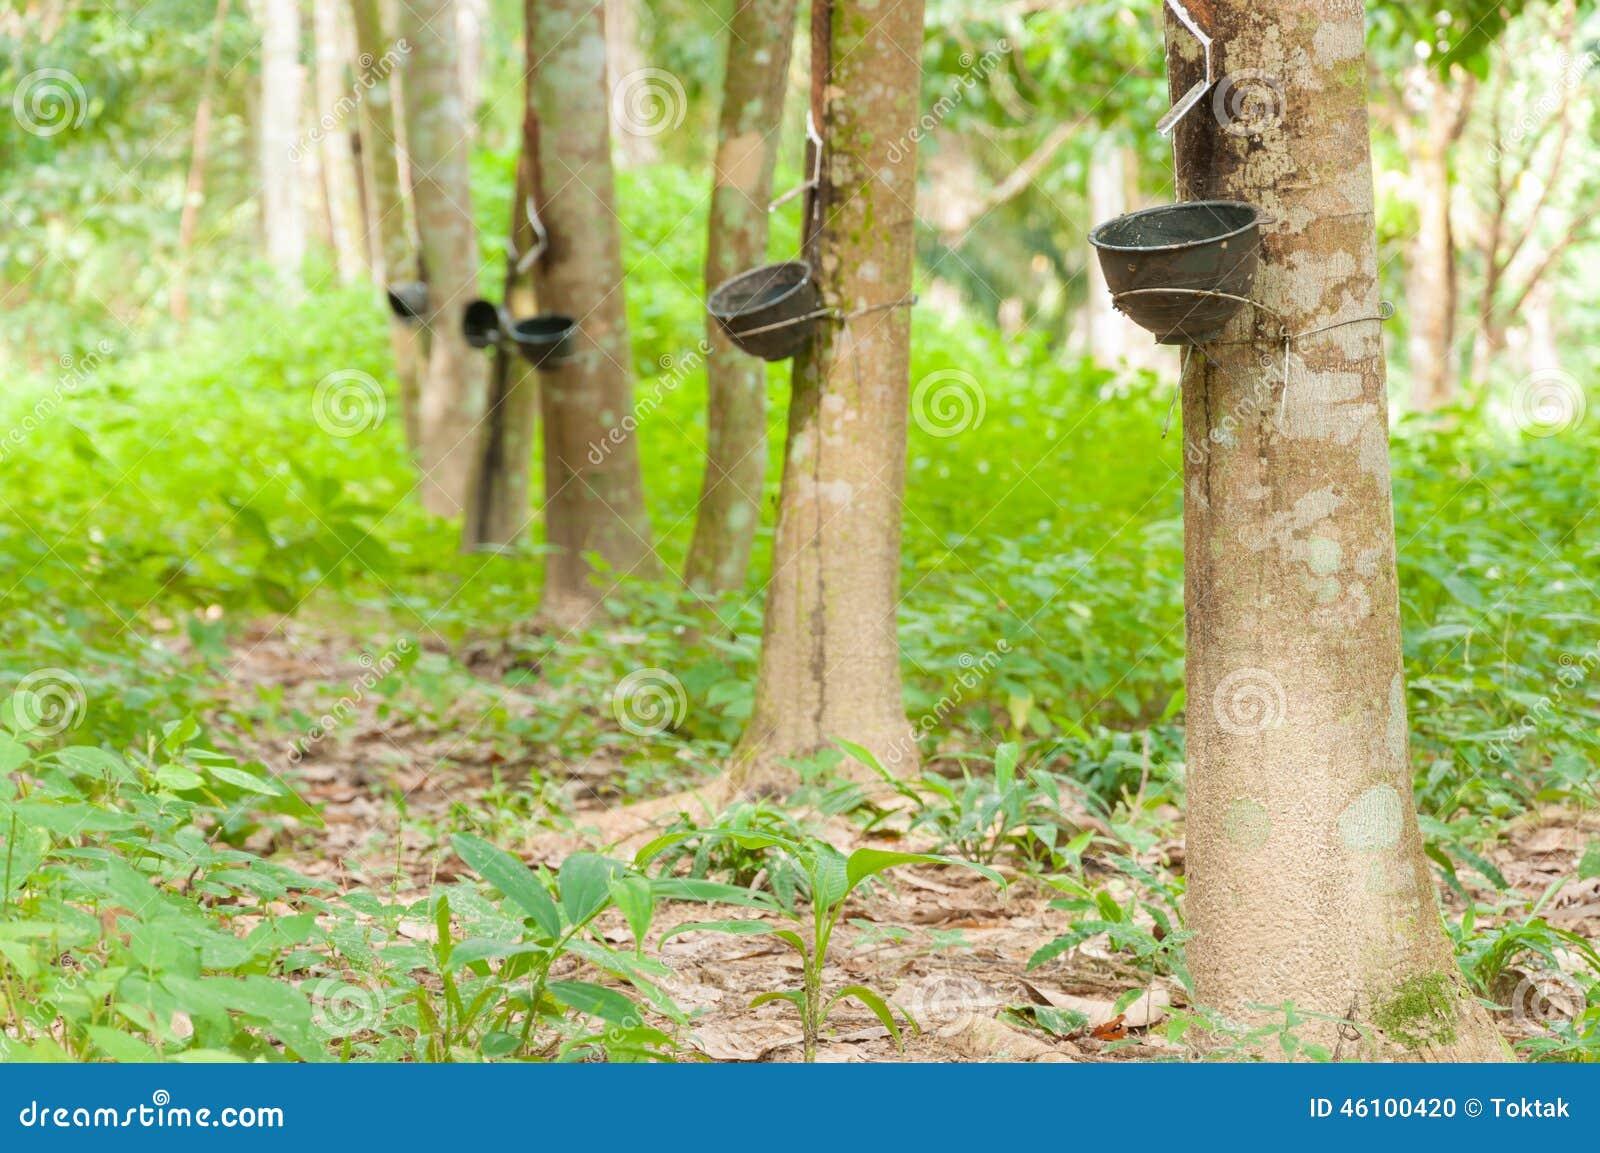 Mjölkaktig latex utdragen från gummiträdet (heveaen Brasiliensis)